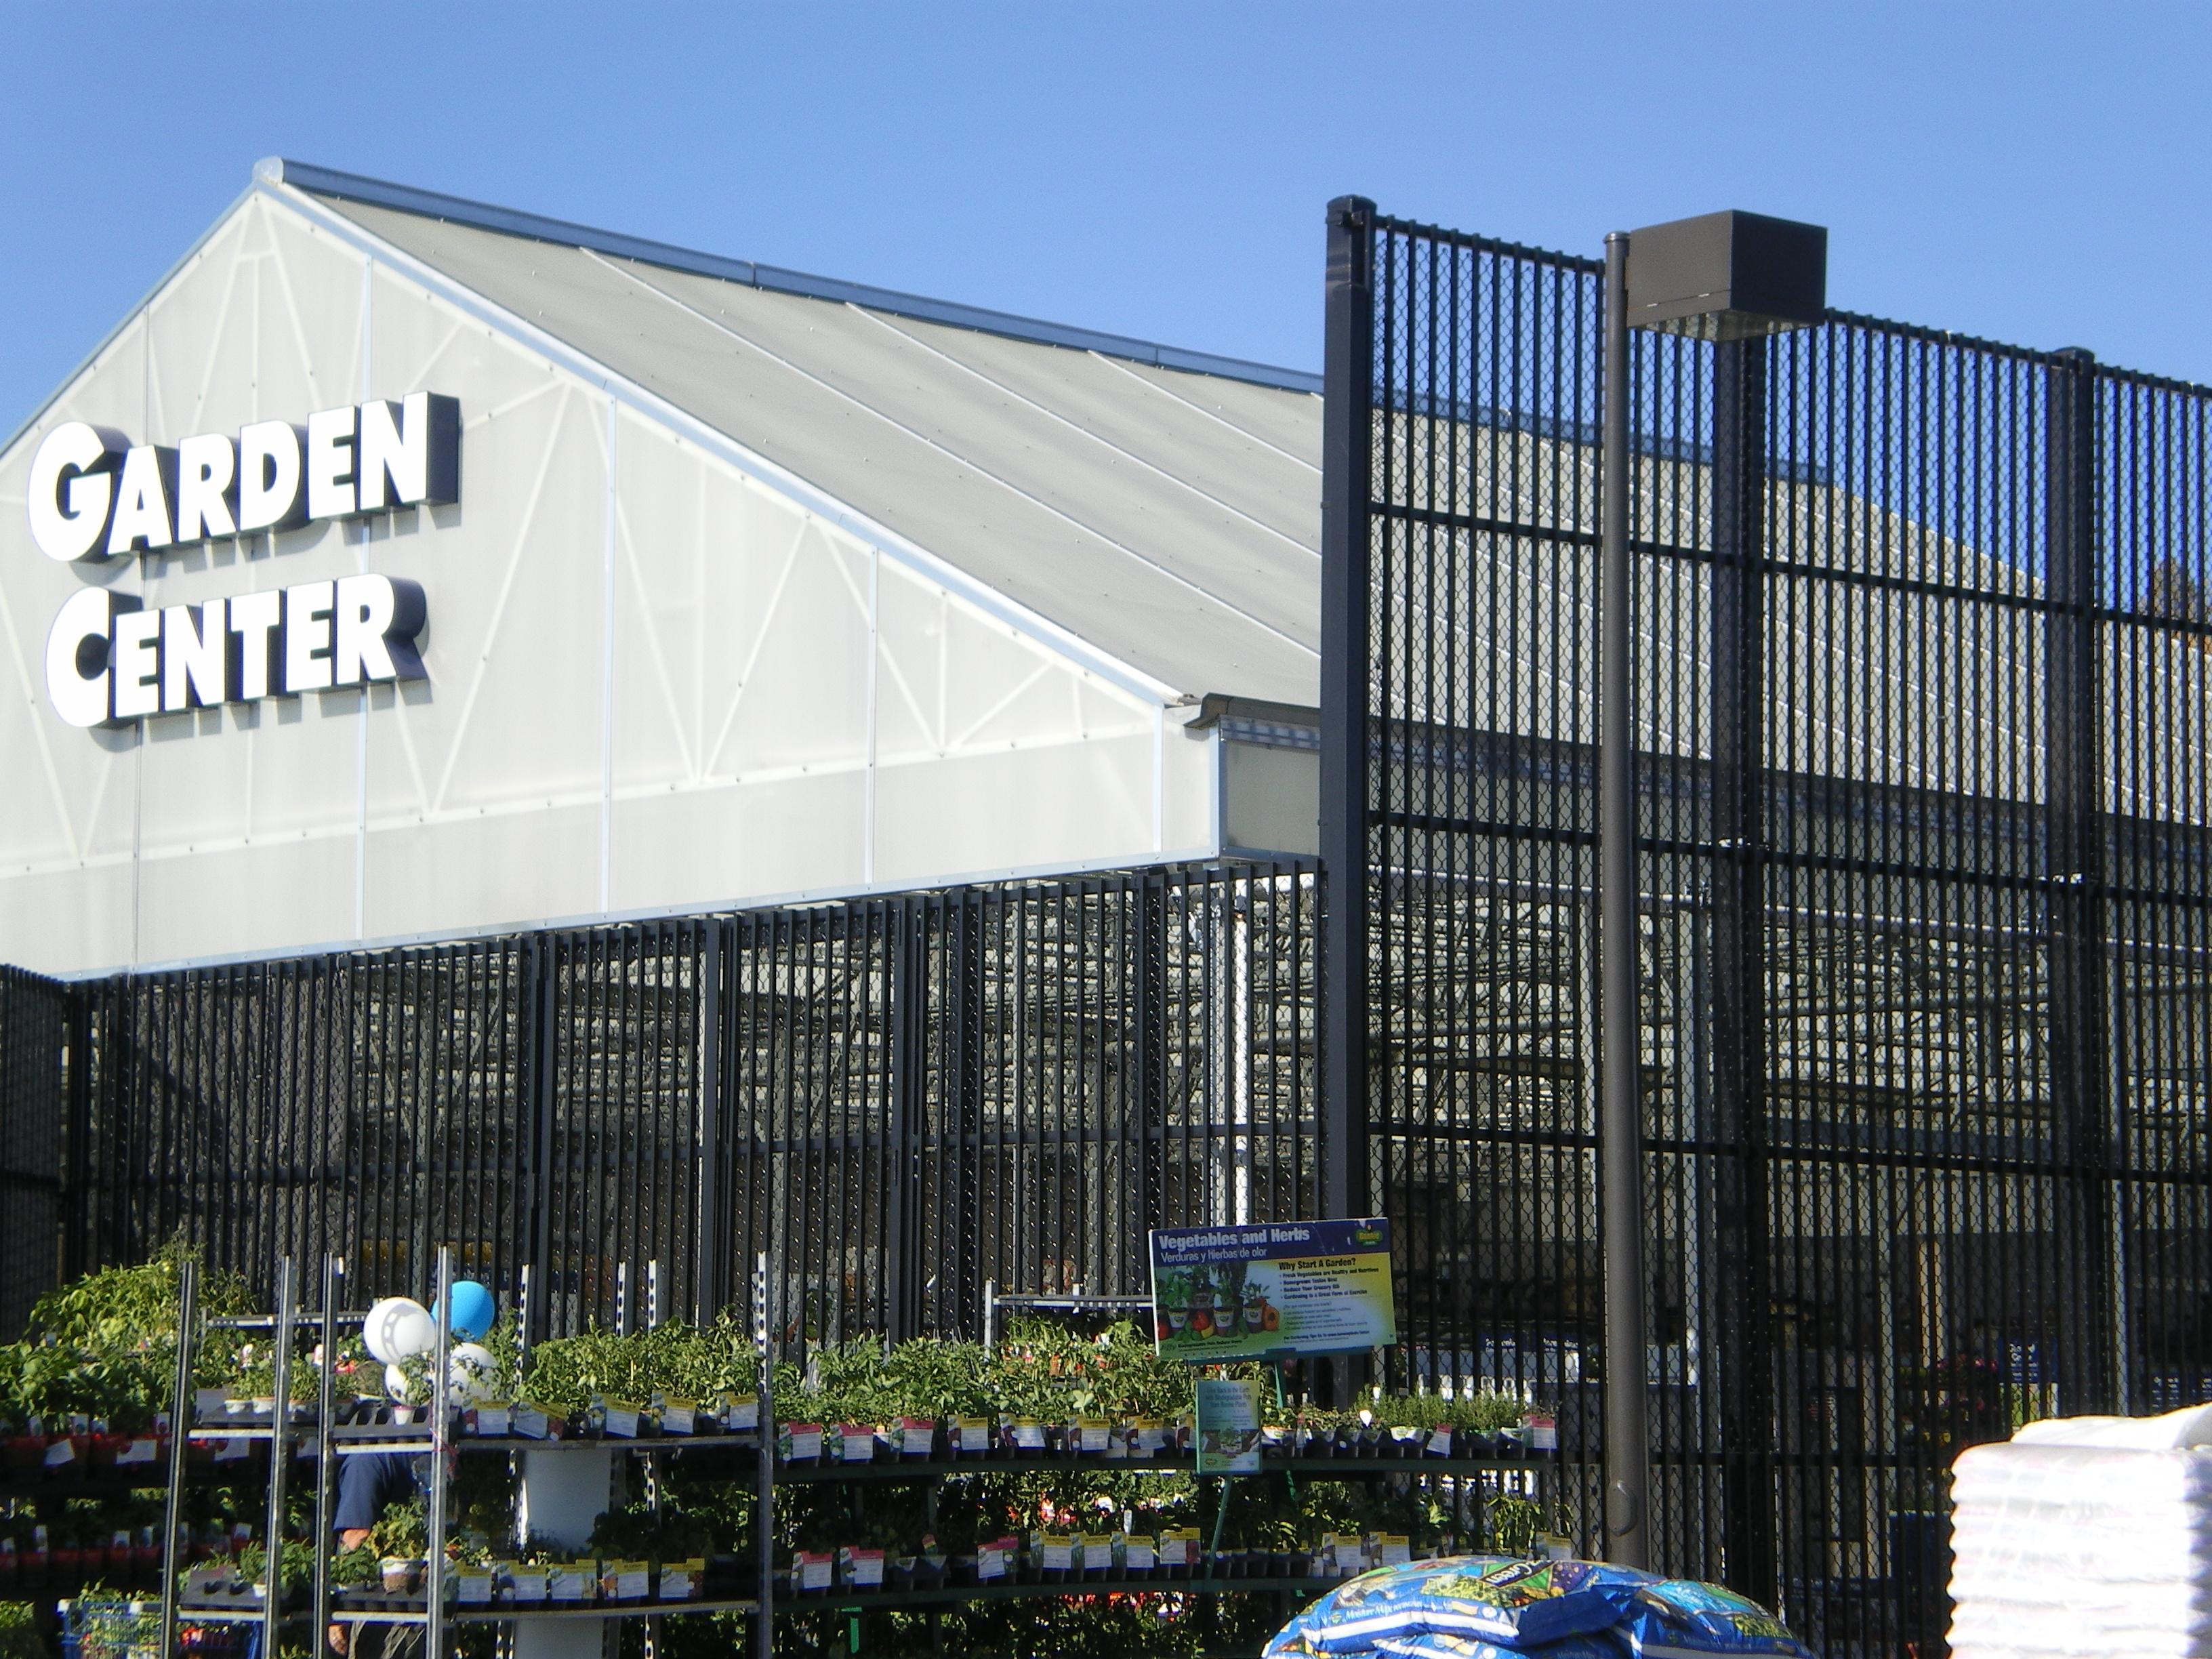 Prescott Fence Prescott Arizona's Premiere Fence Builder